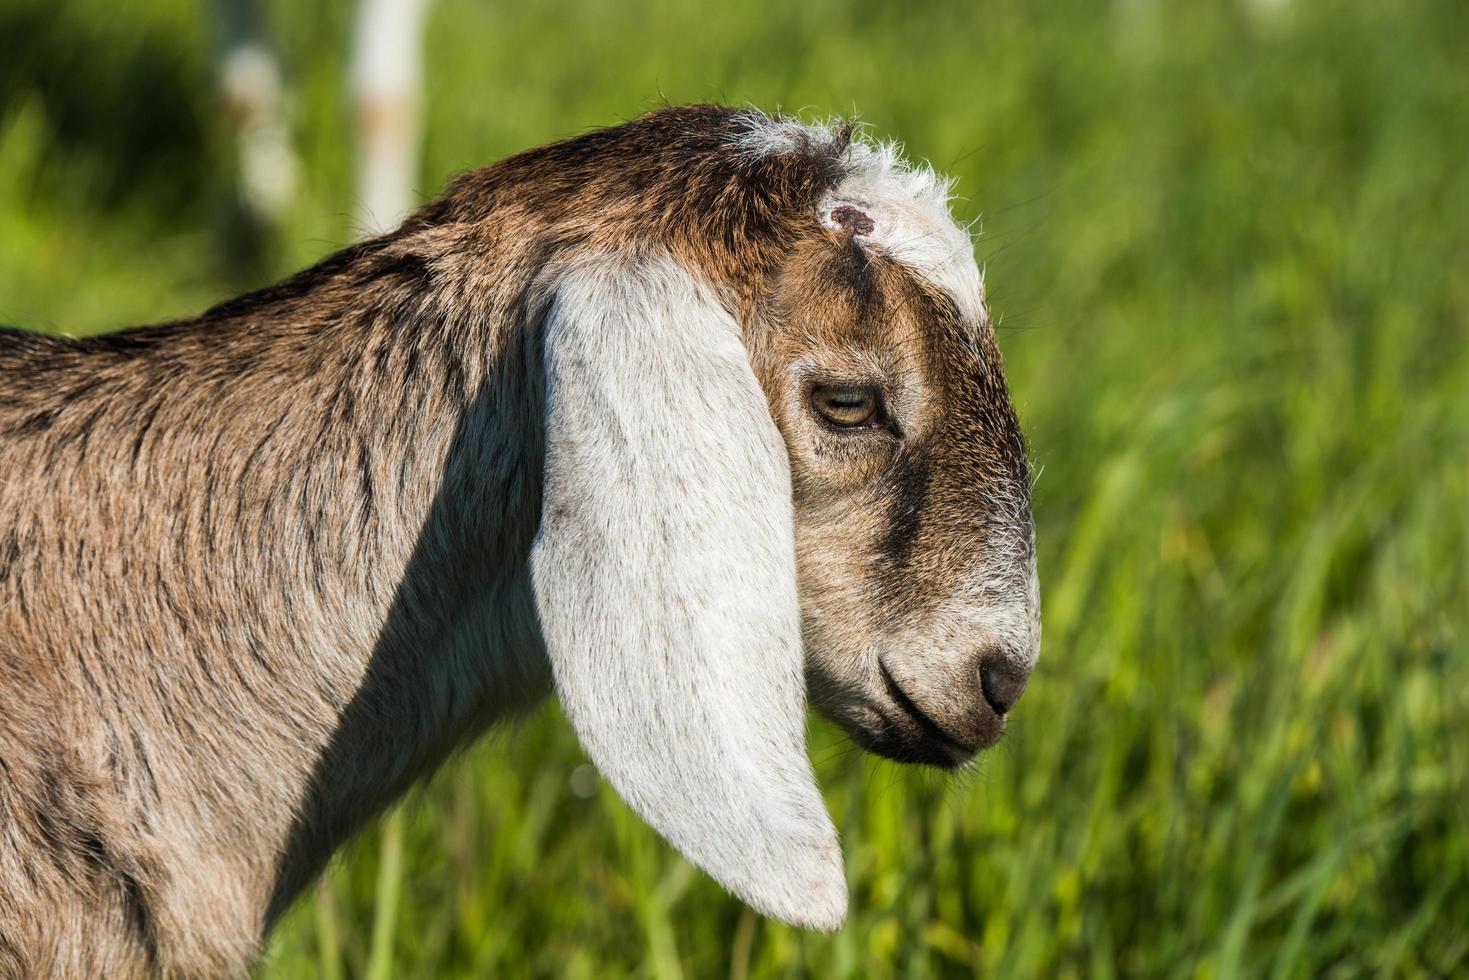 primer plano de una cabra foto